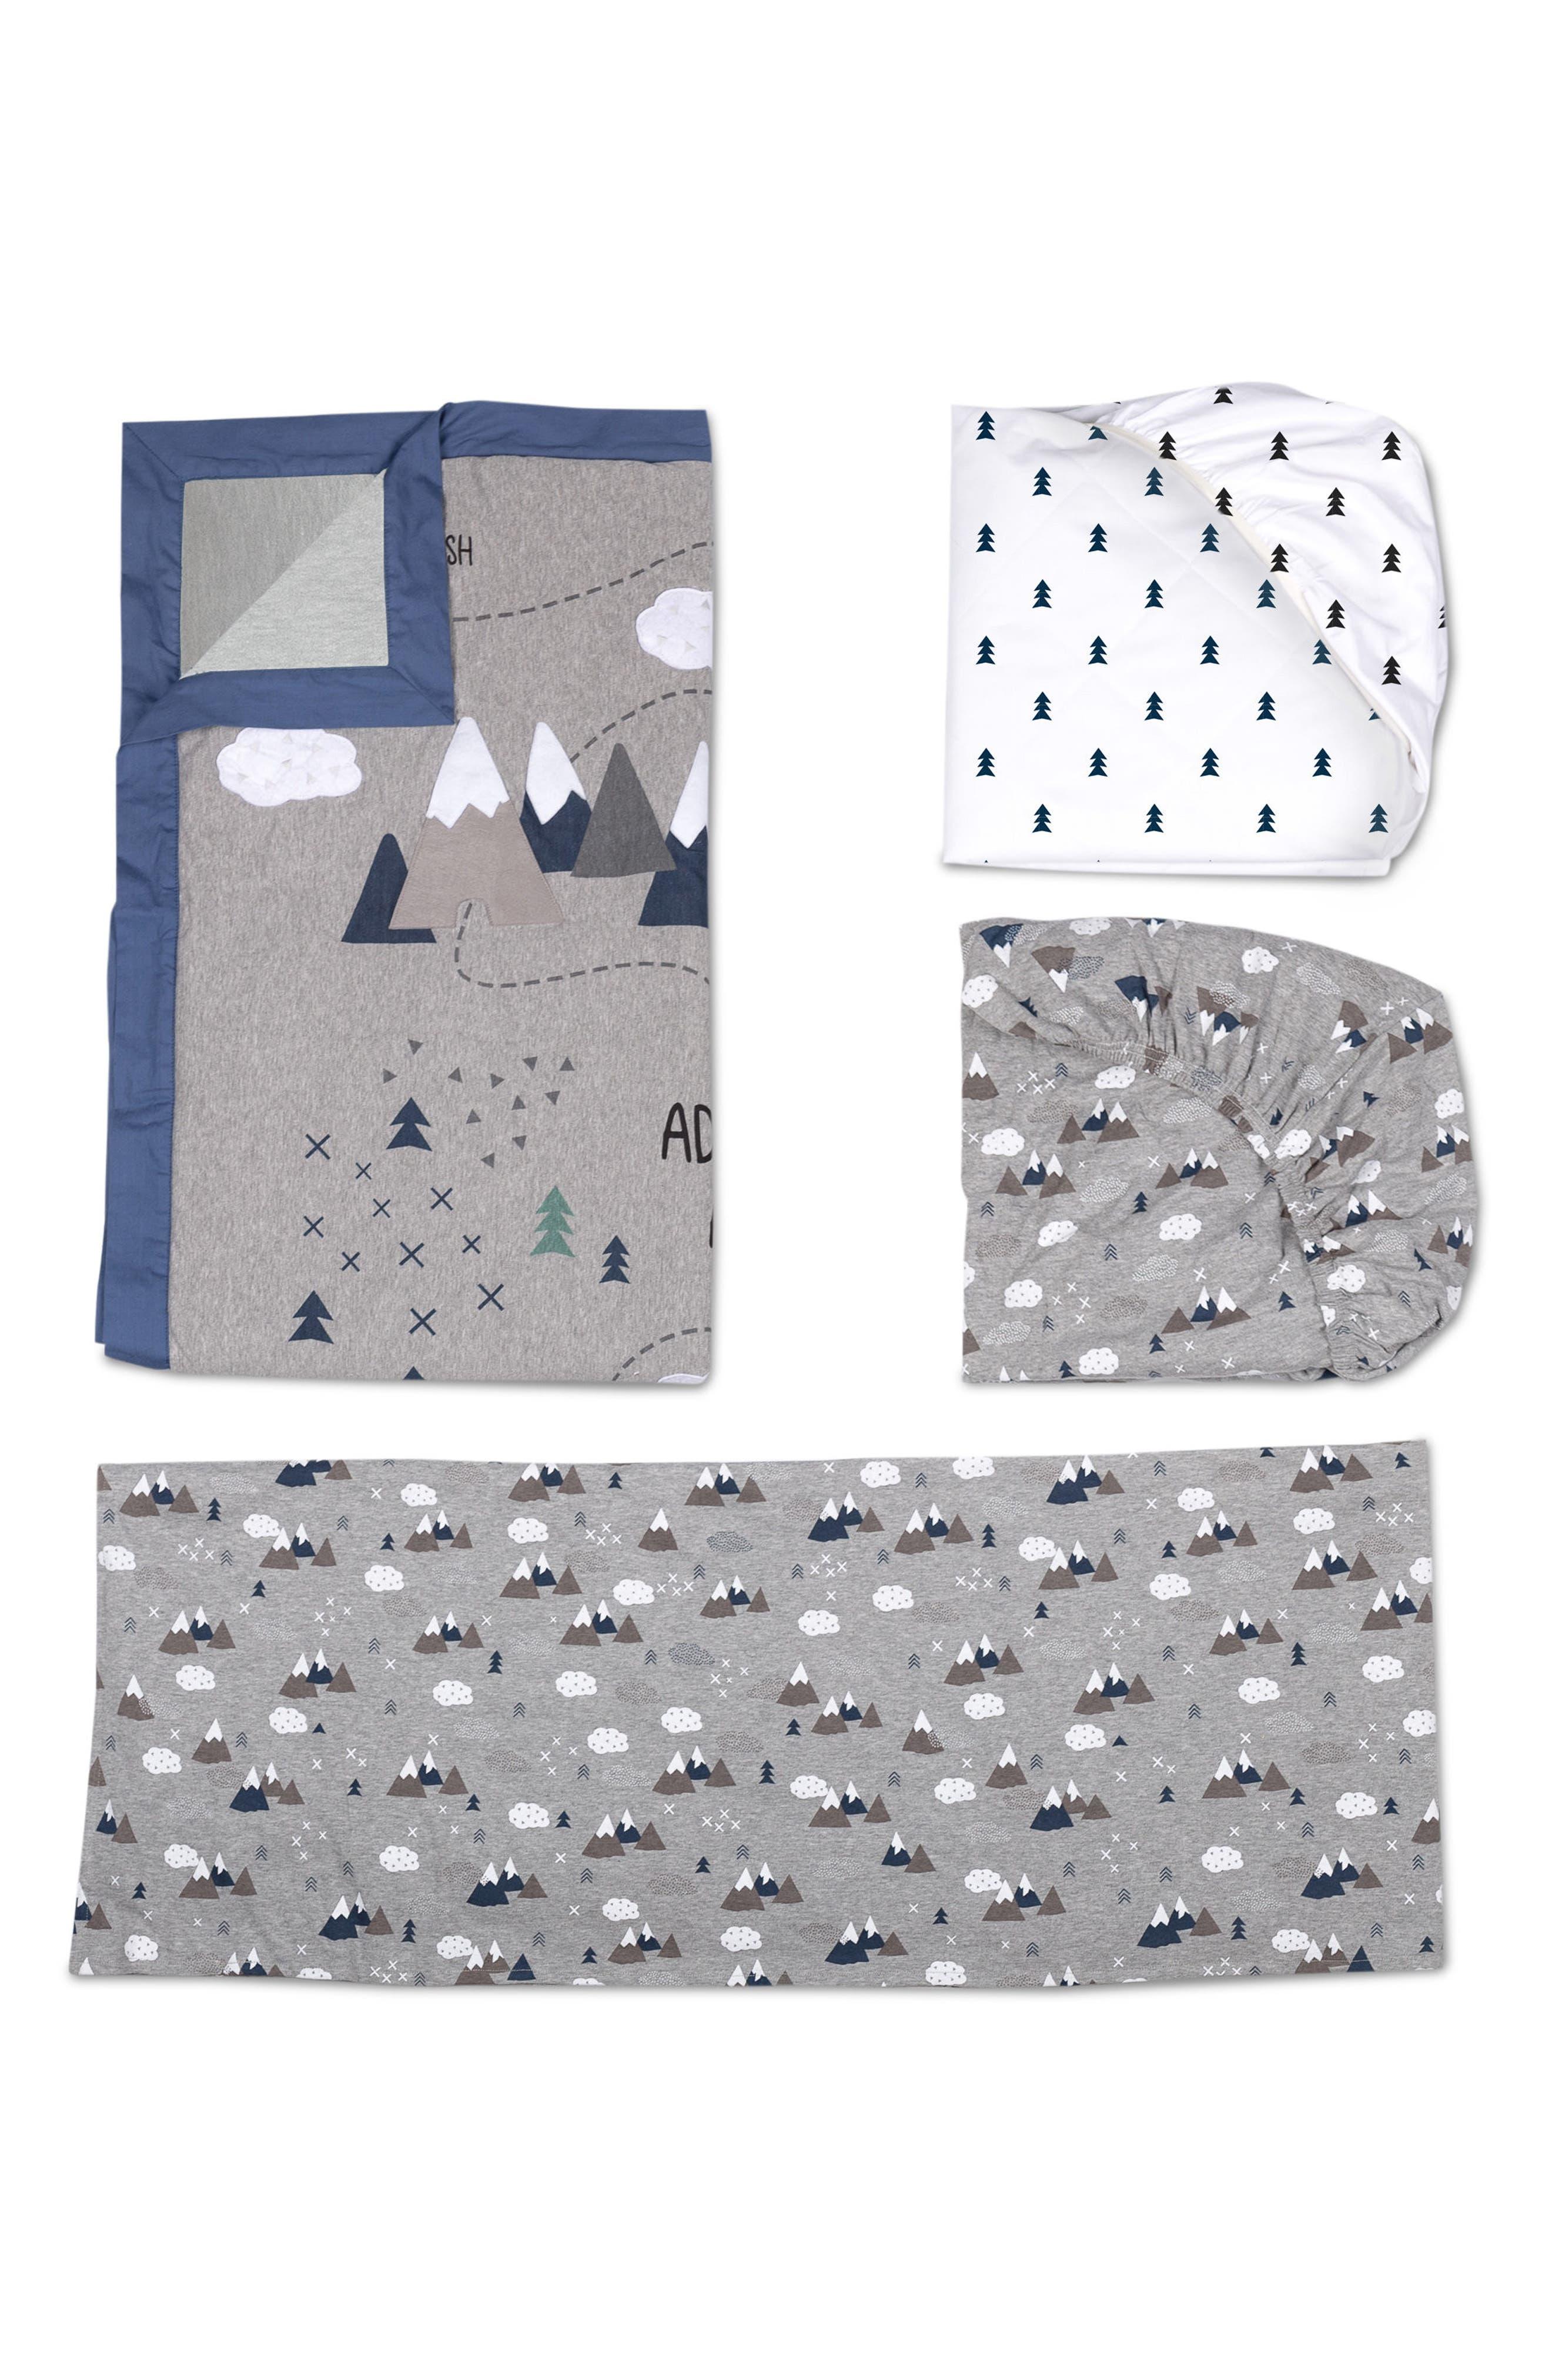 Peaks 4-Piece Crib Bedding Set,                         Main,                         color, PEAKS